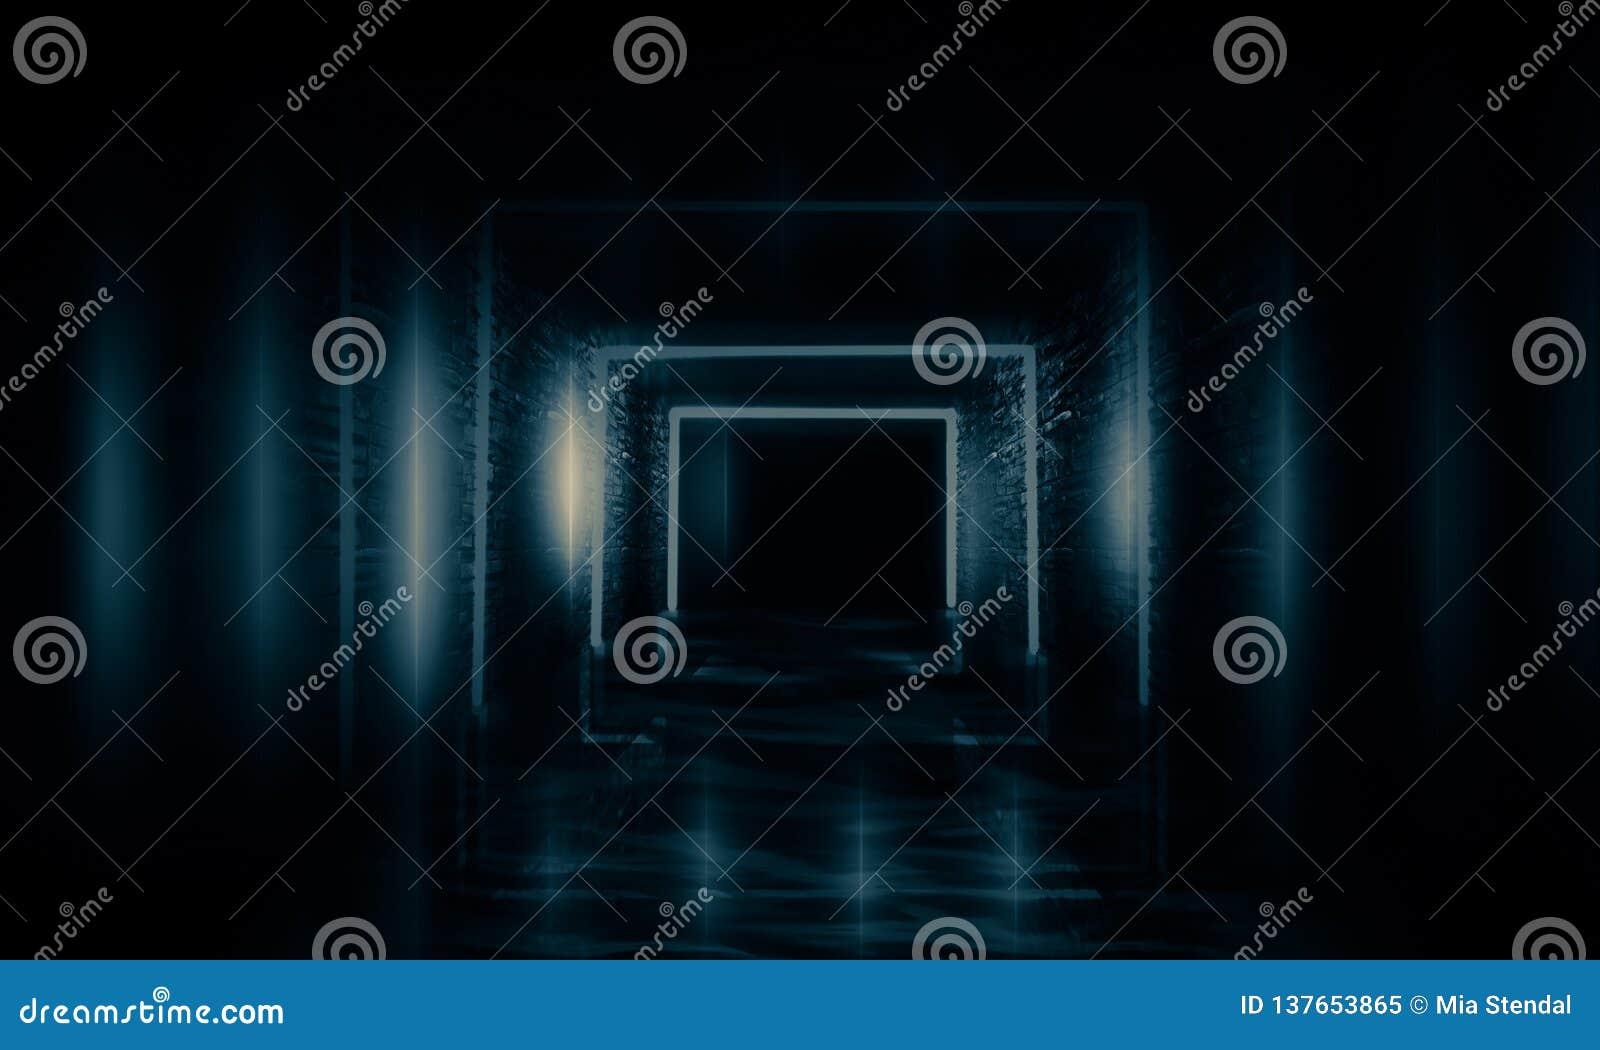 Túnel vacío, viejo abstracto, pasillo, arco, sitio oscuro, iluminación de neón, humo grueso, niebla con humo